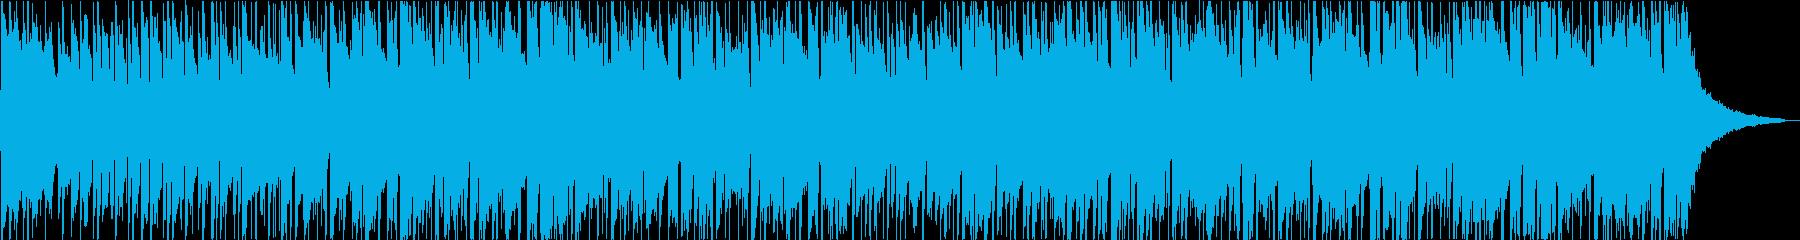 アコギとピアノが爽やか・軽快なポップスの再生済みの波形